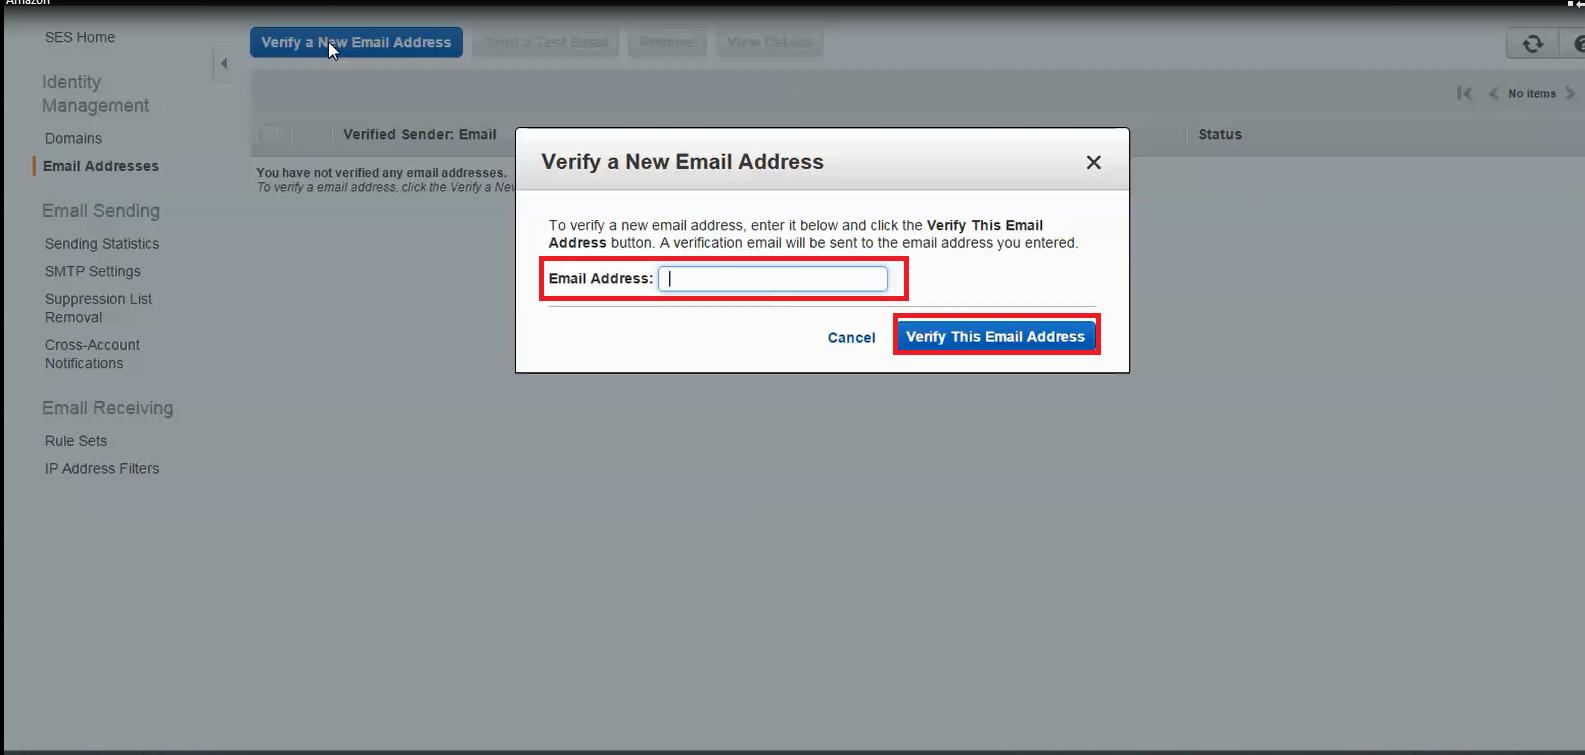 19.Verify new email address